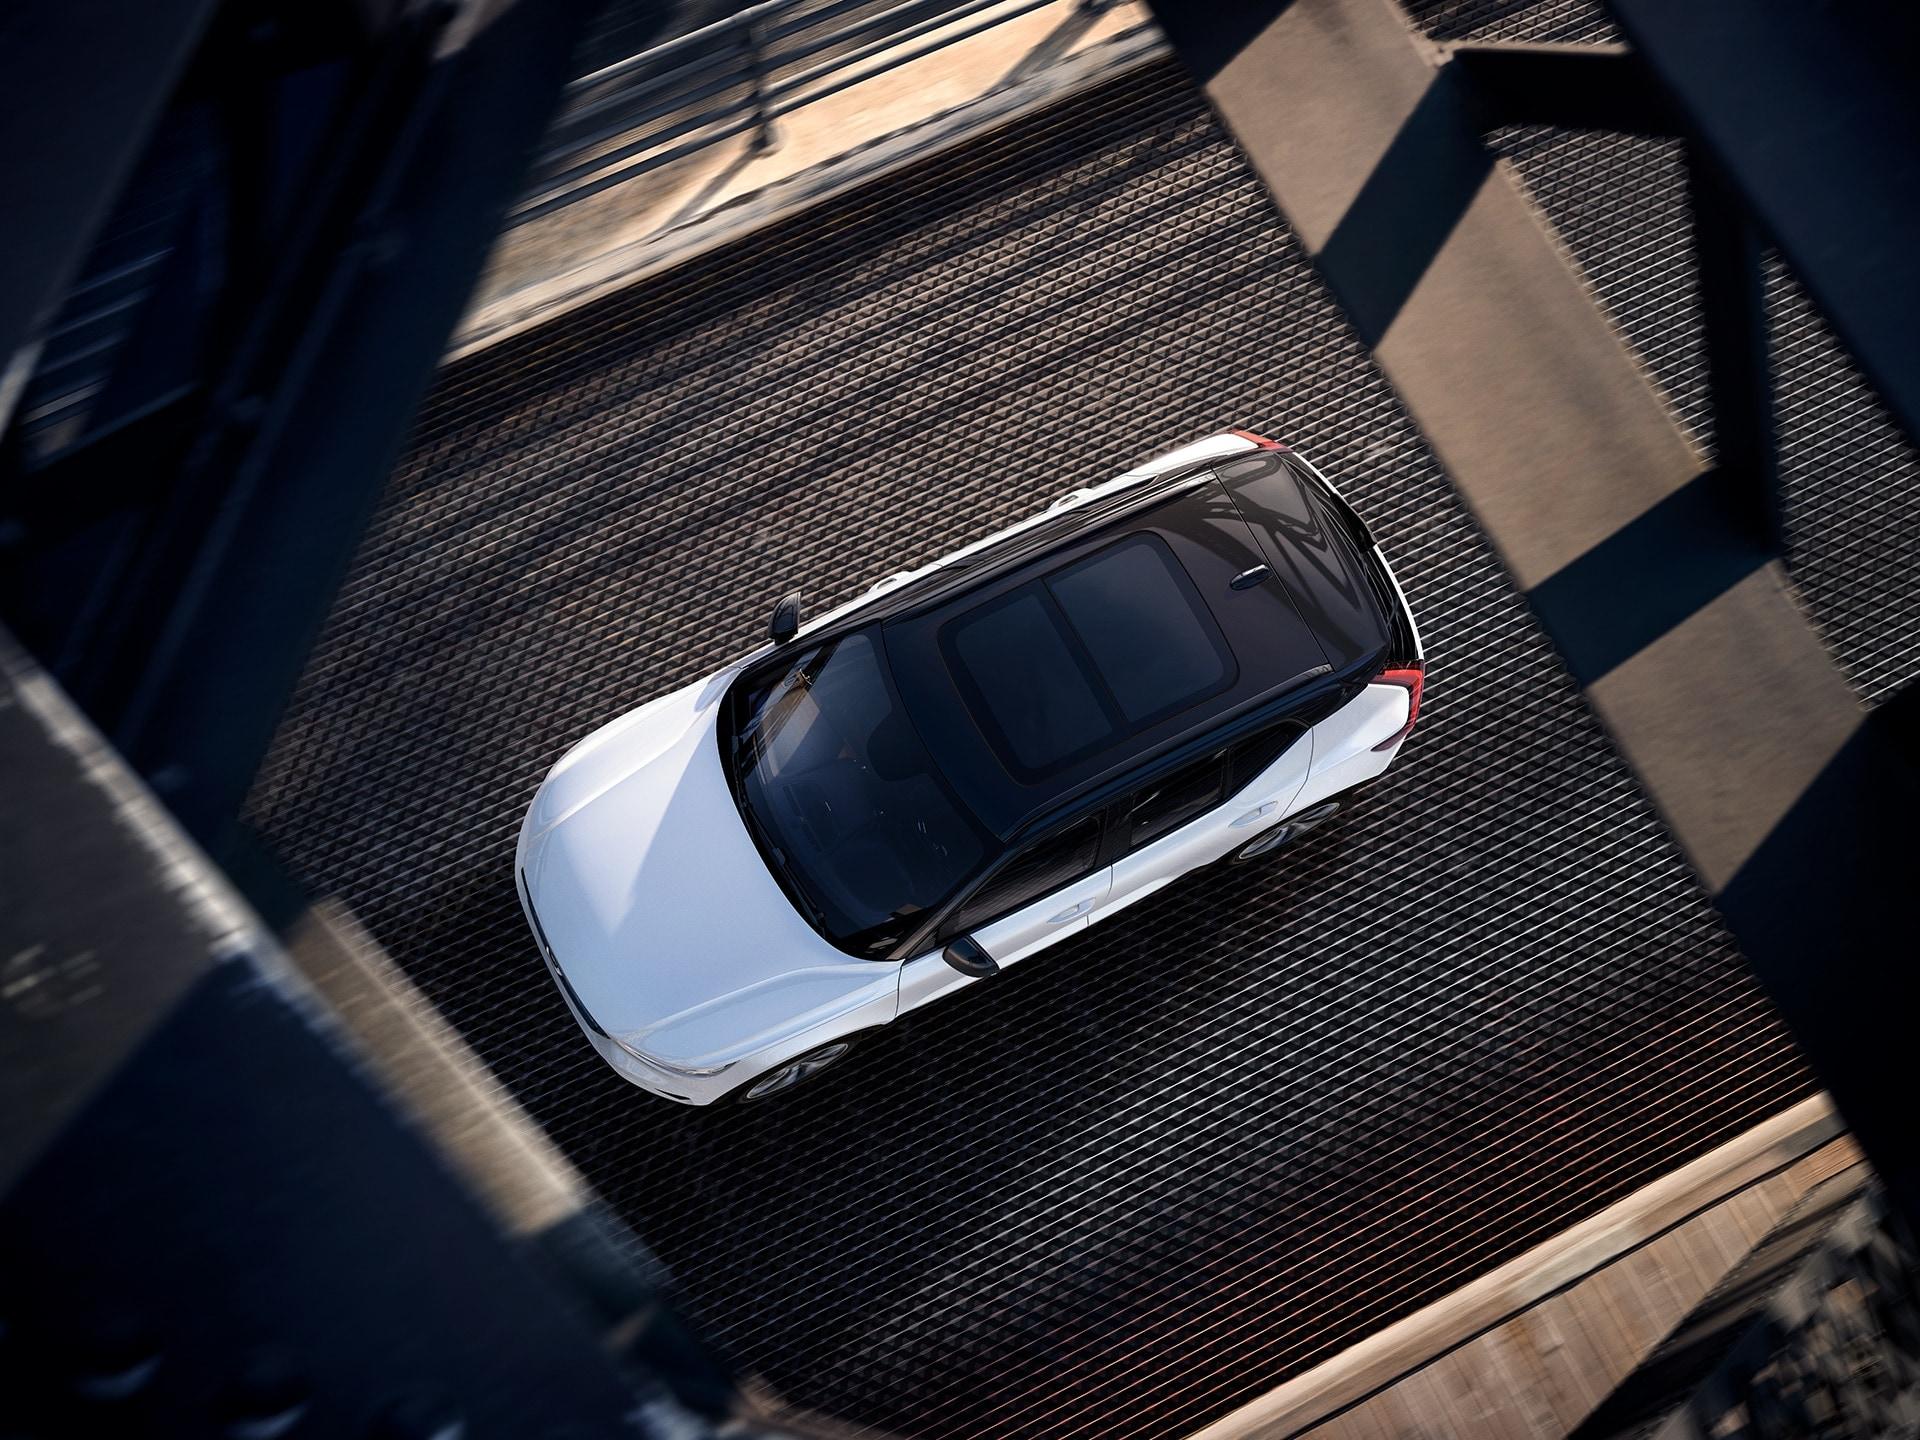 SUV compact hybride rechargeable XC40 Recharge blanc vu du dessus, roulant sur un pont